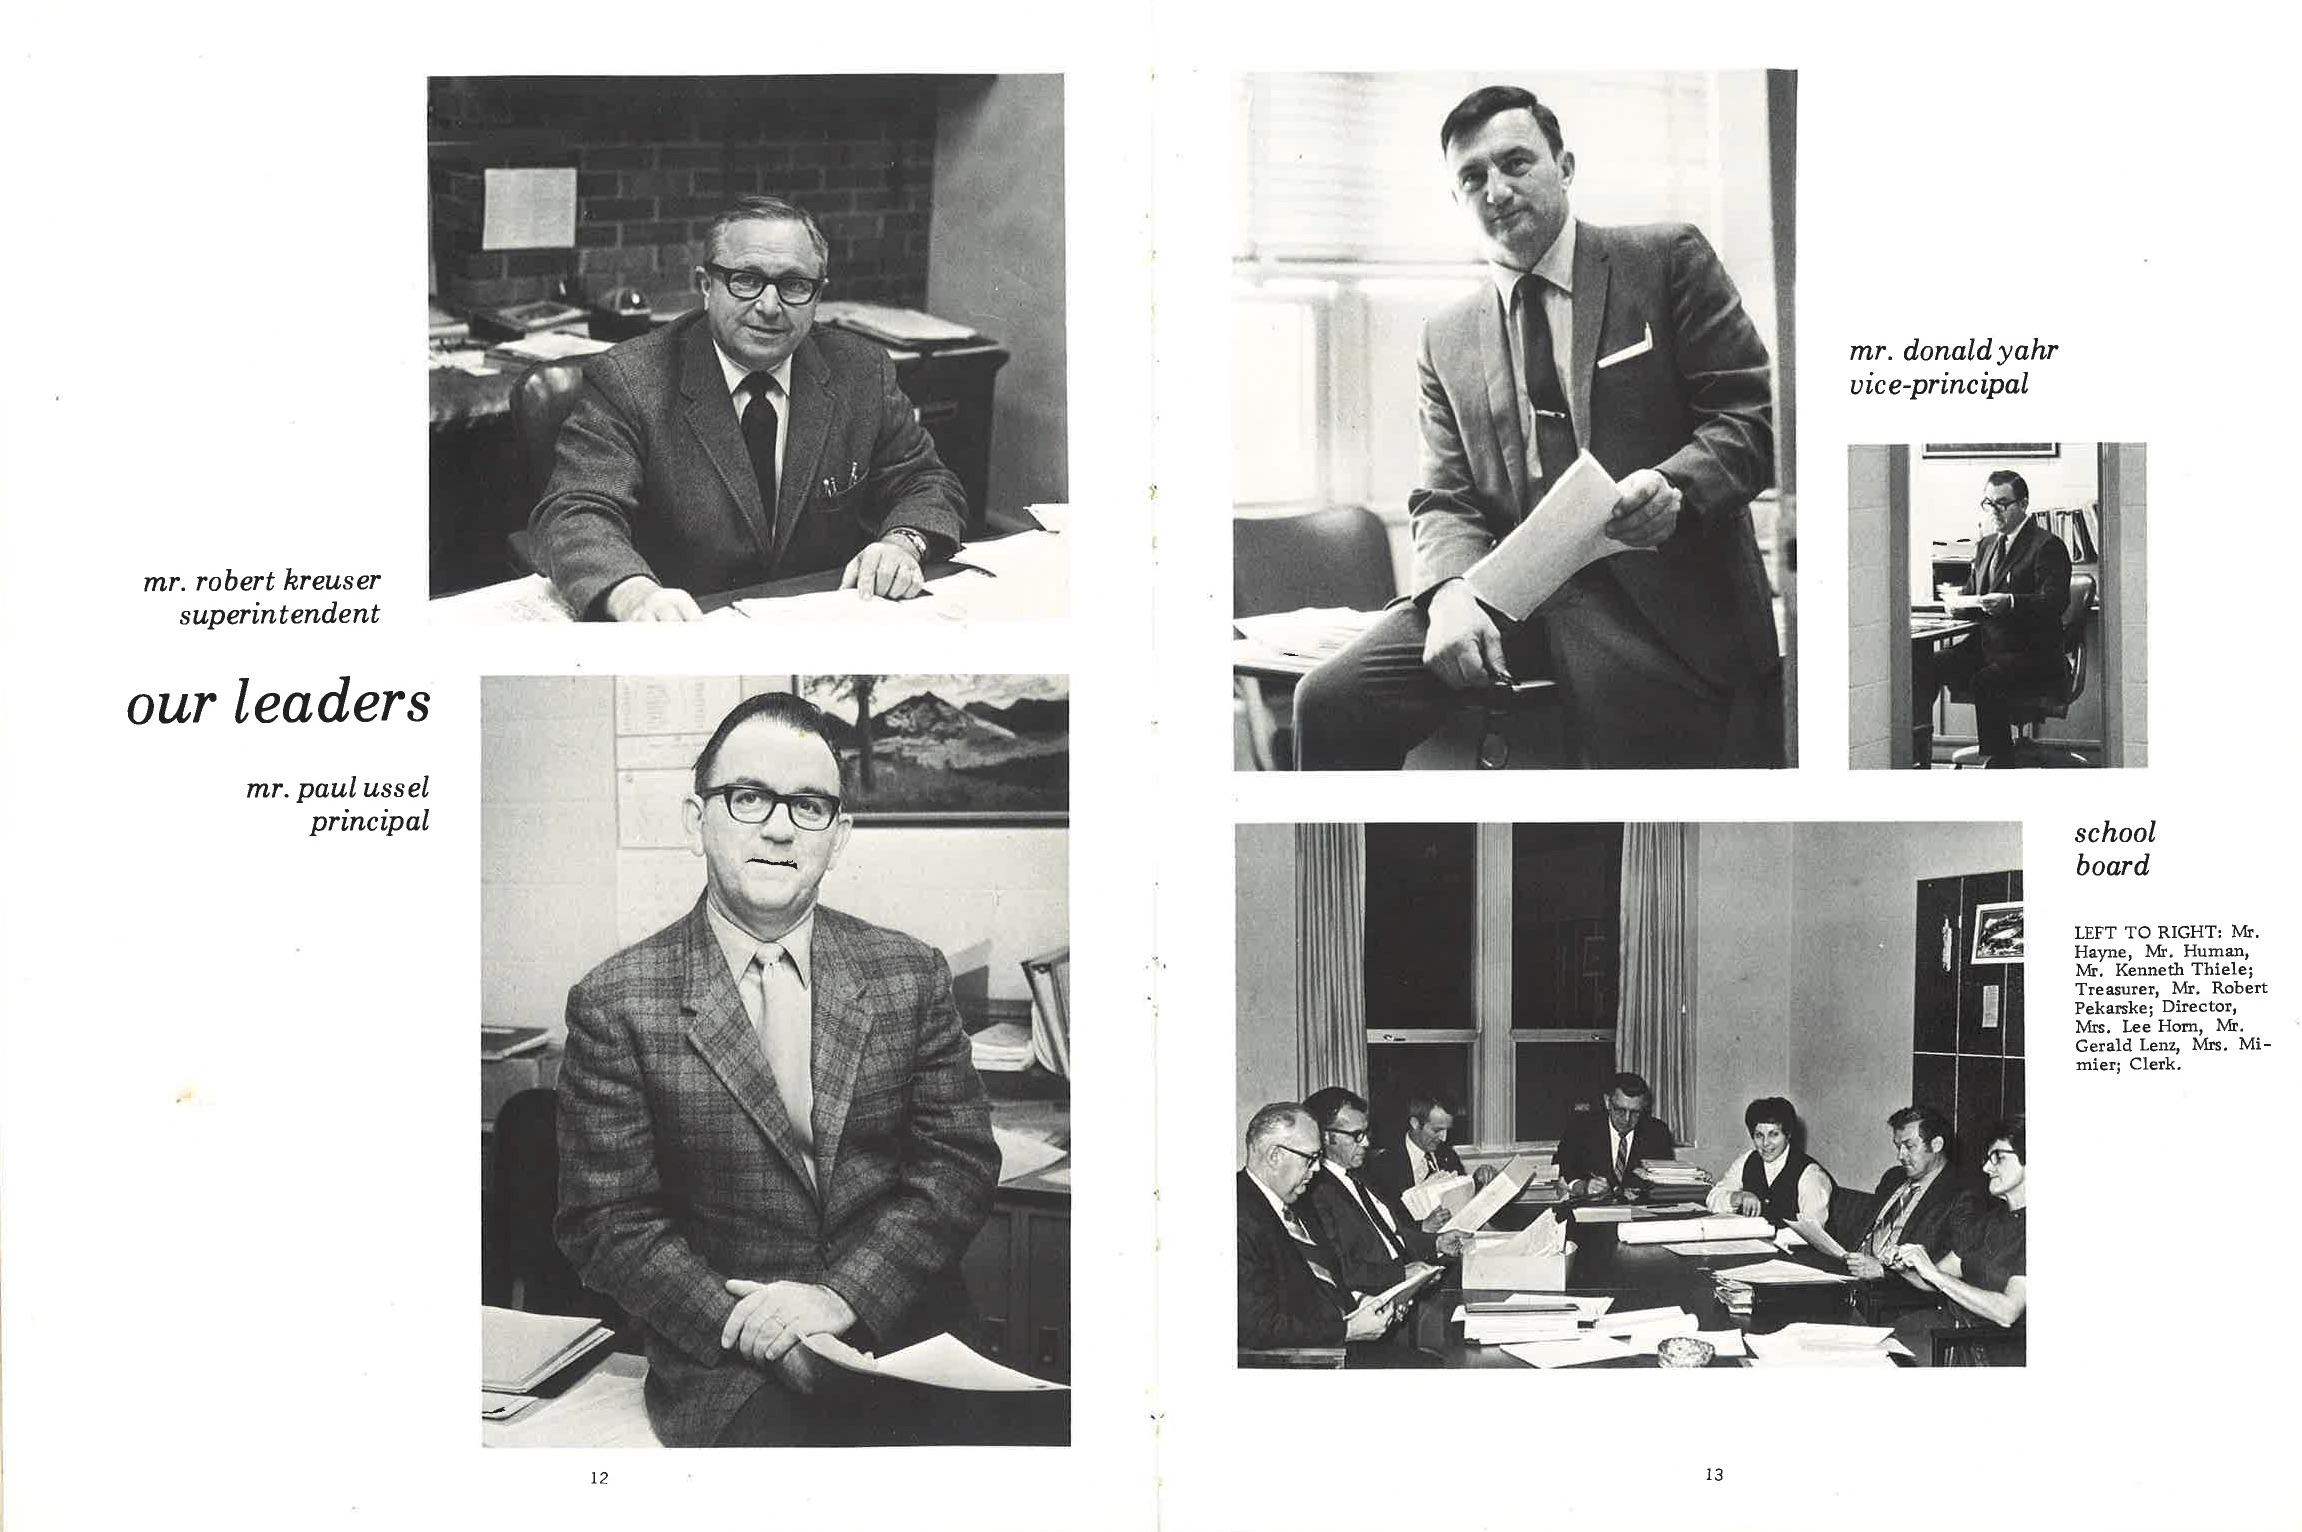 1971_Yearbook_12-13.jpg